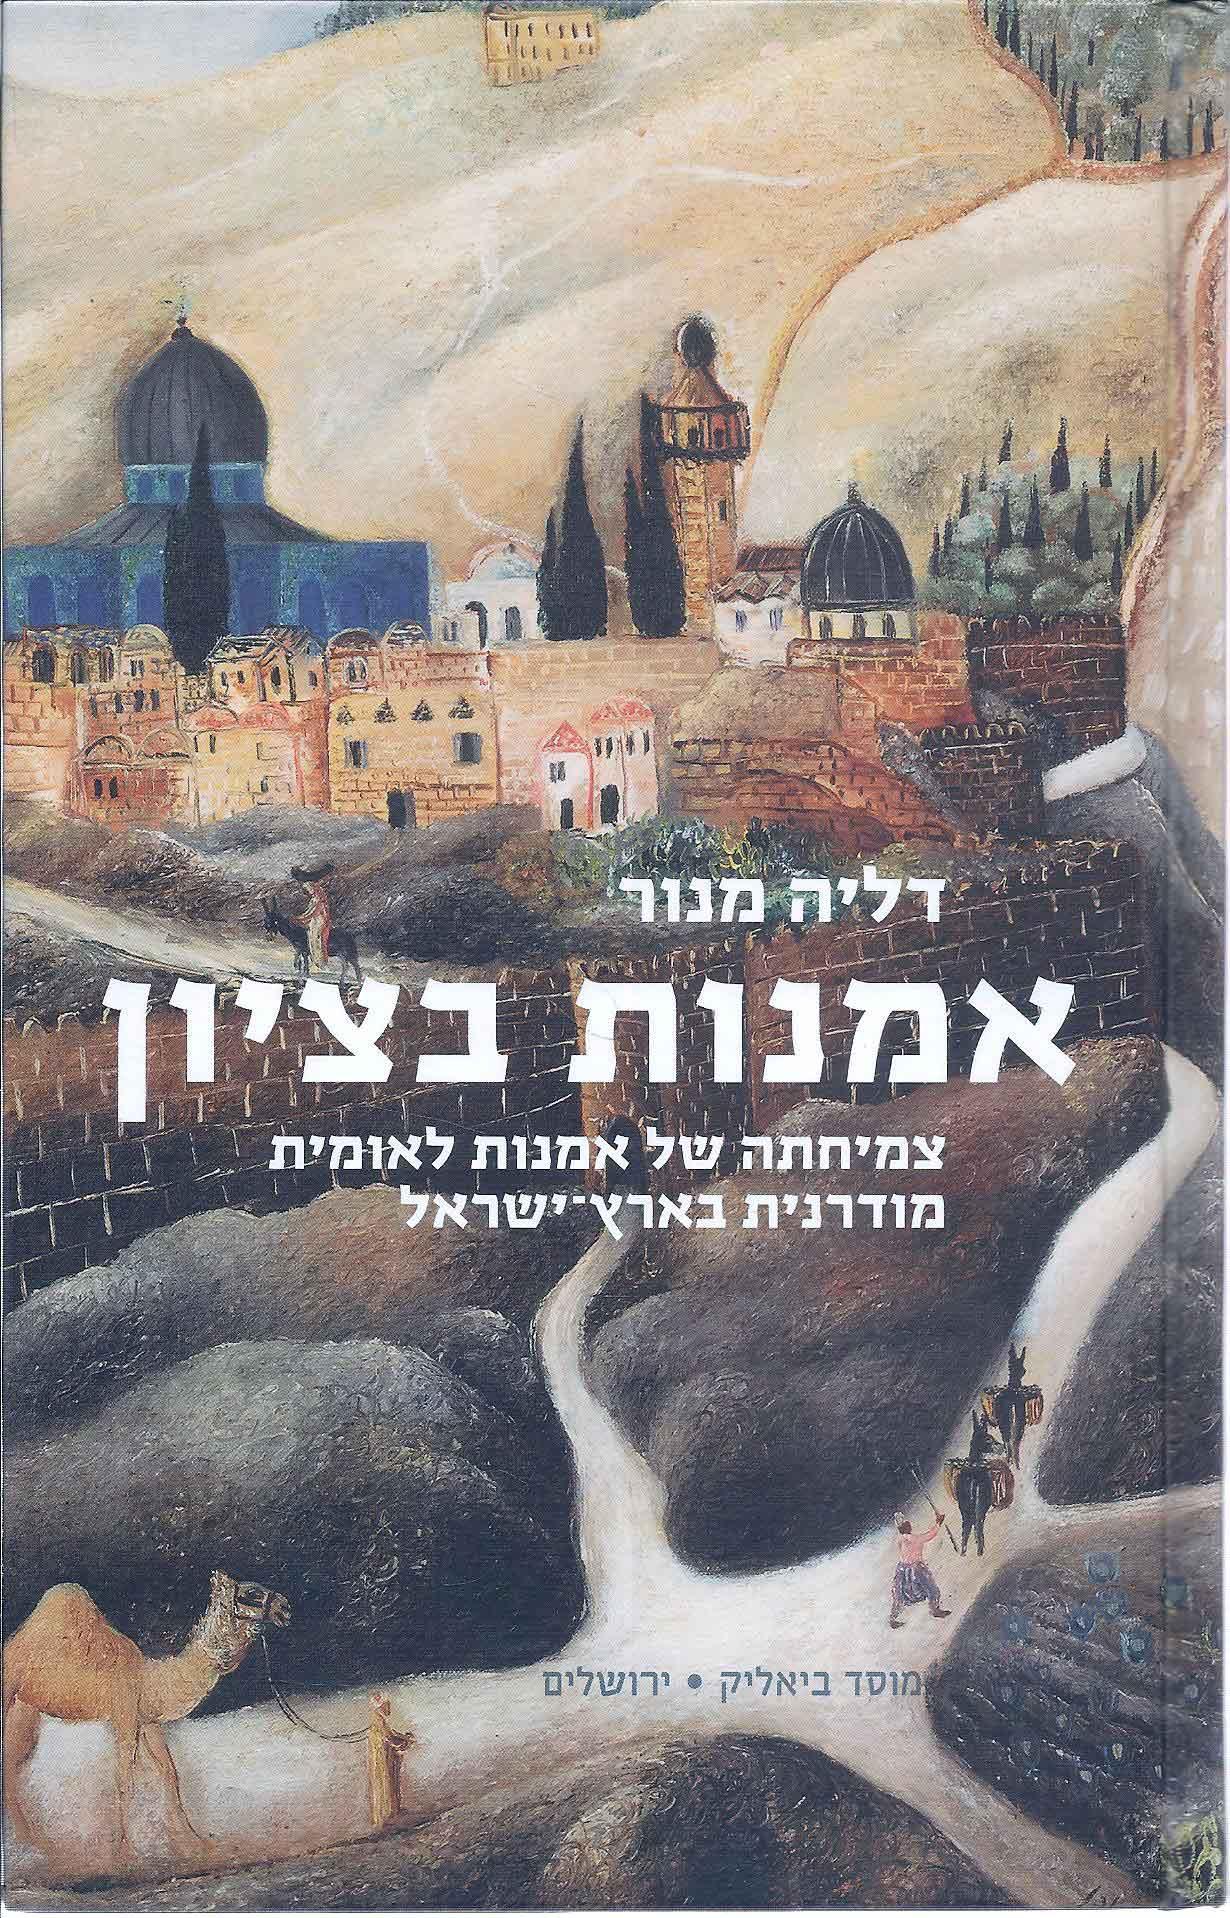 אמנות בציון : צמיחתה של אמנות לאומית מודרנית בארץ-ישראל